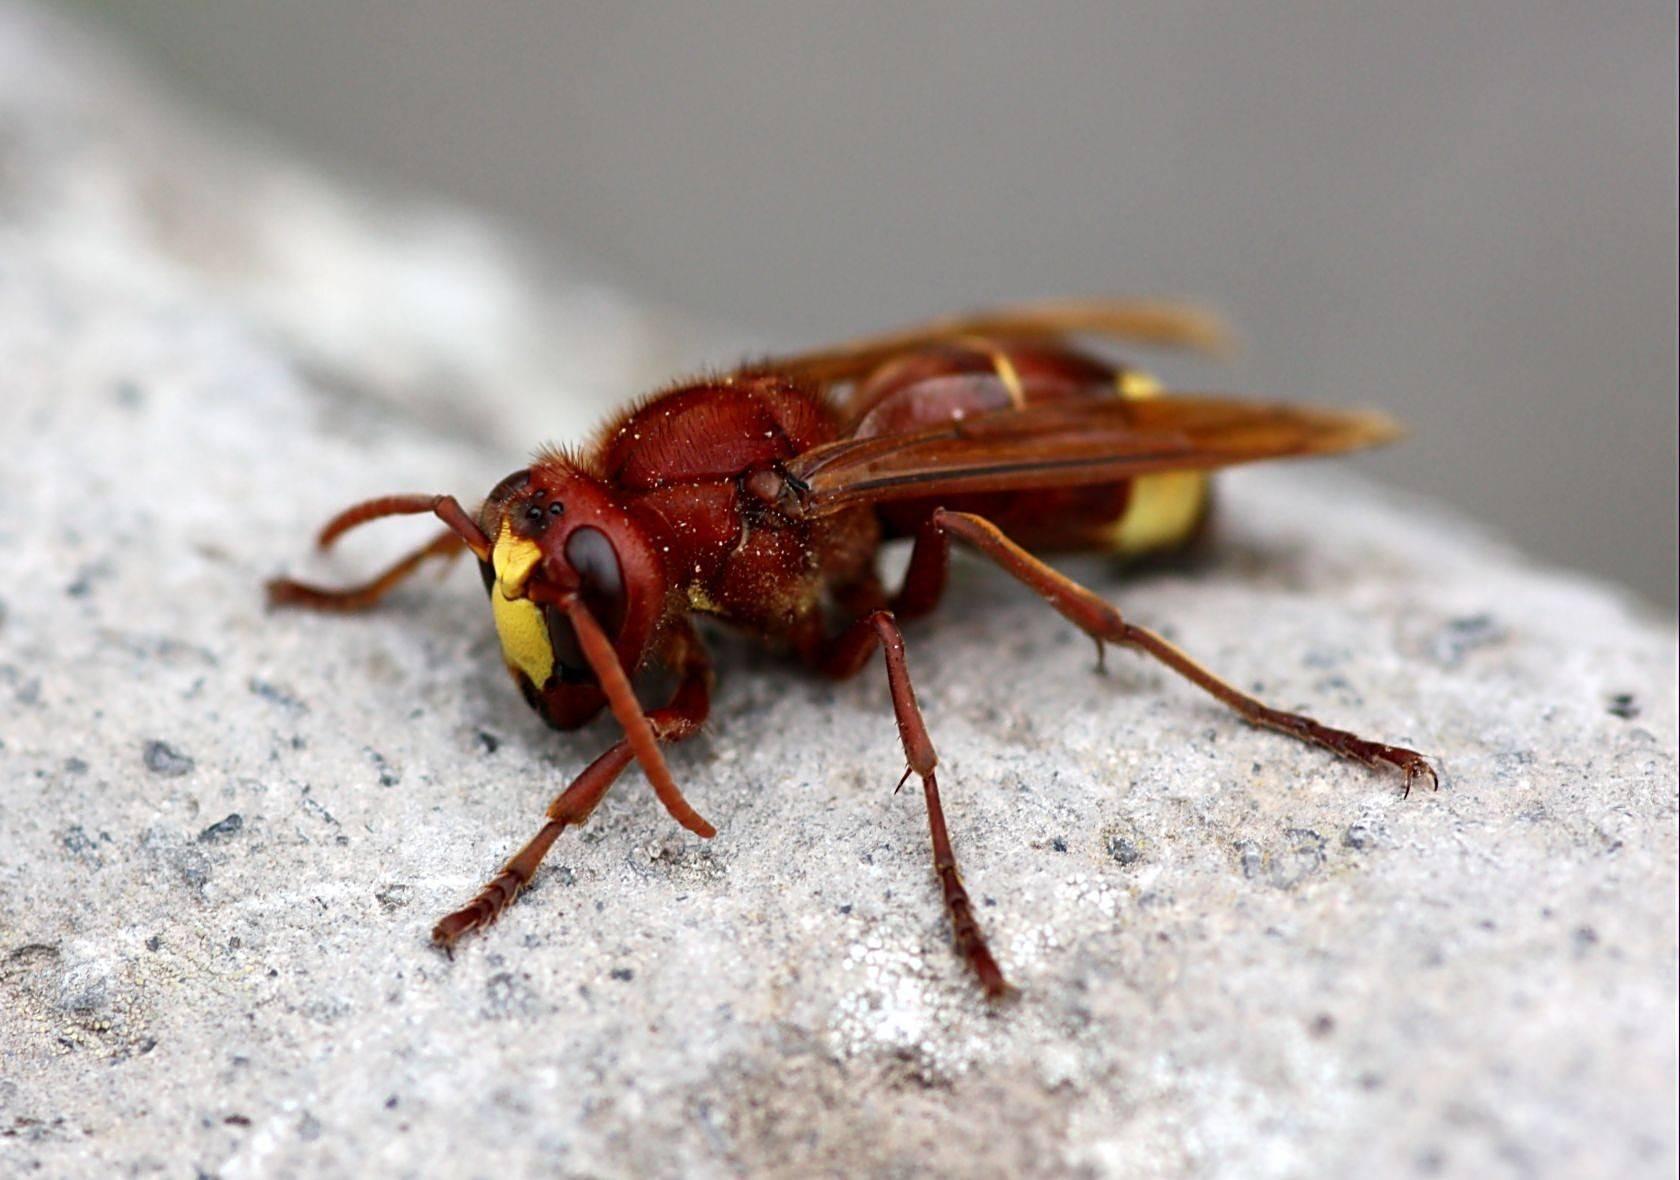 Шершень представитель отряда ос: жизненный цикл, ареал обитания, пища и экологическое значение насекомого